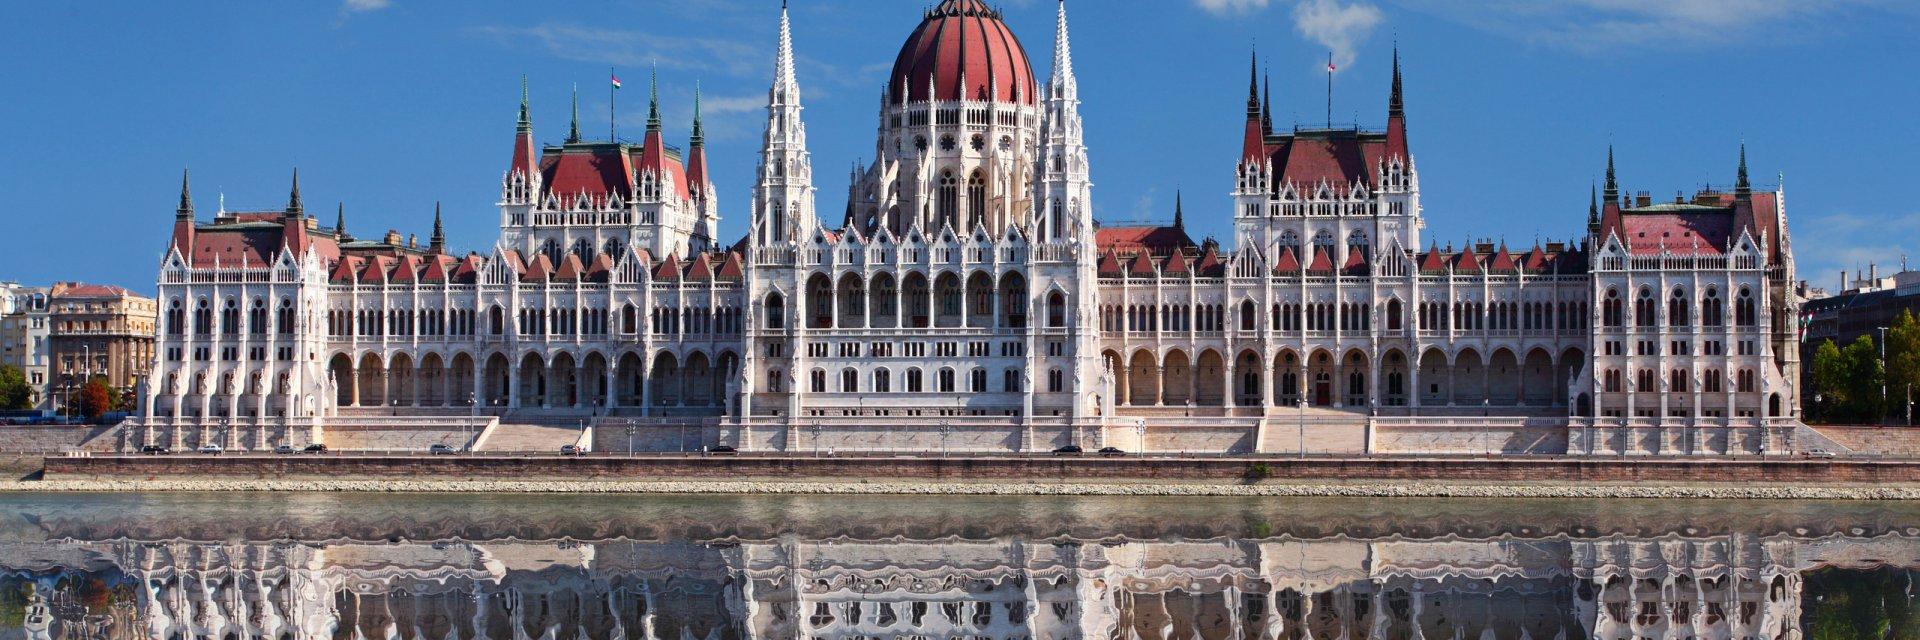 Туры в Венгрию 2021, путевки из Москвы - цены на отдых в Венгрии - ПАКС